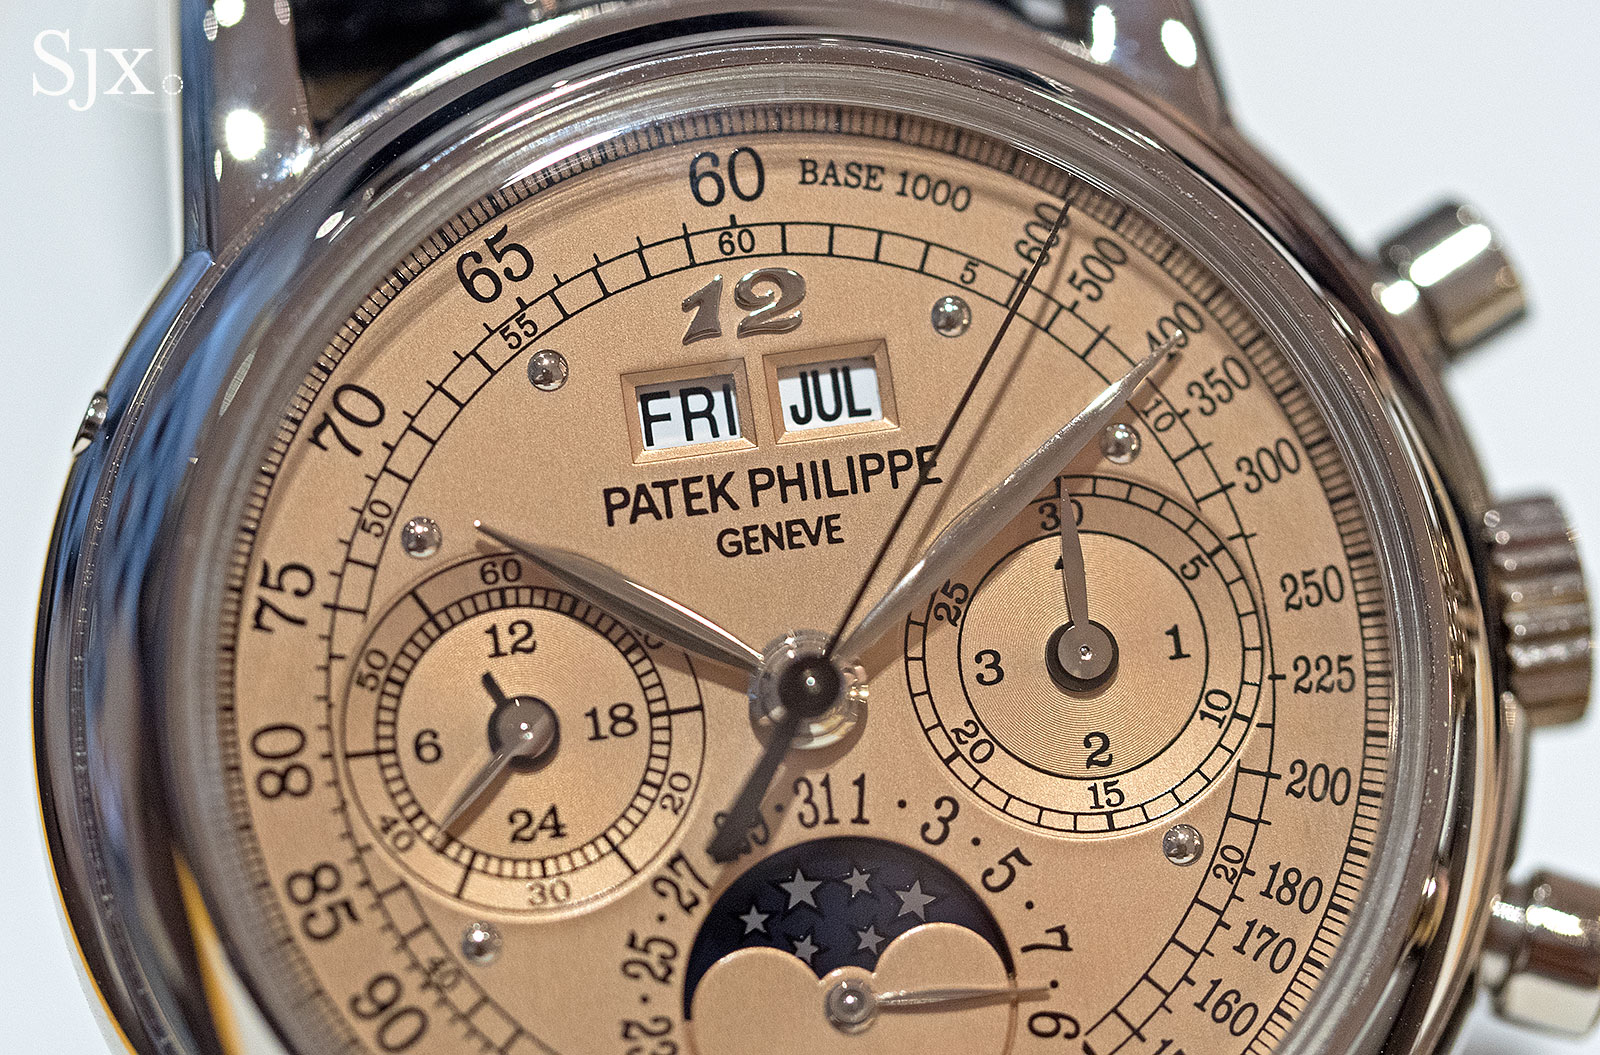 Patek Philippe ref. 3970G Eric Clapton